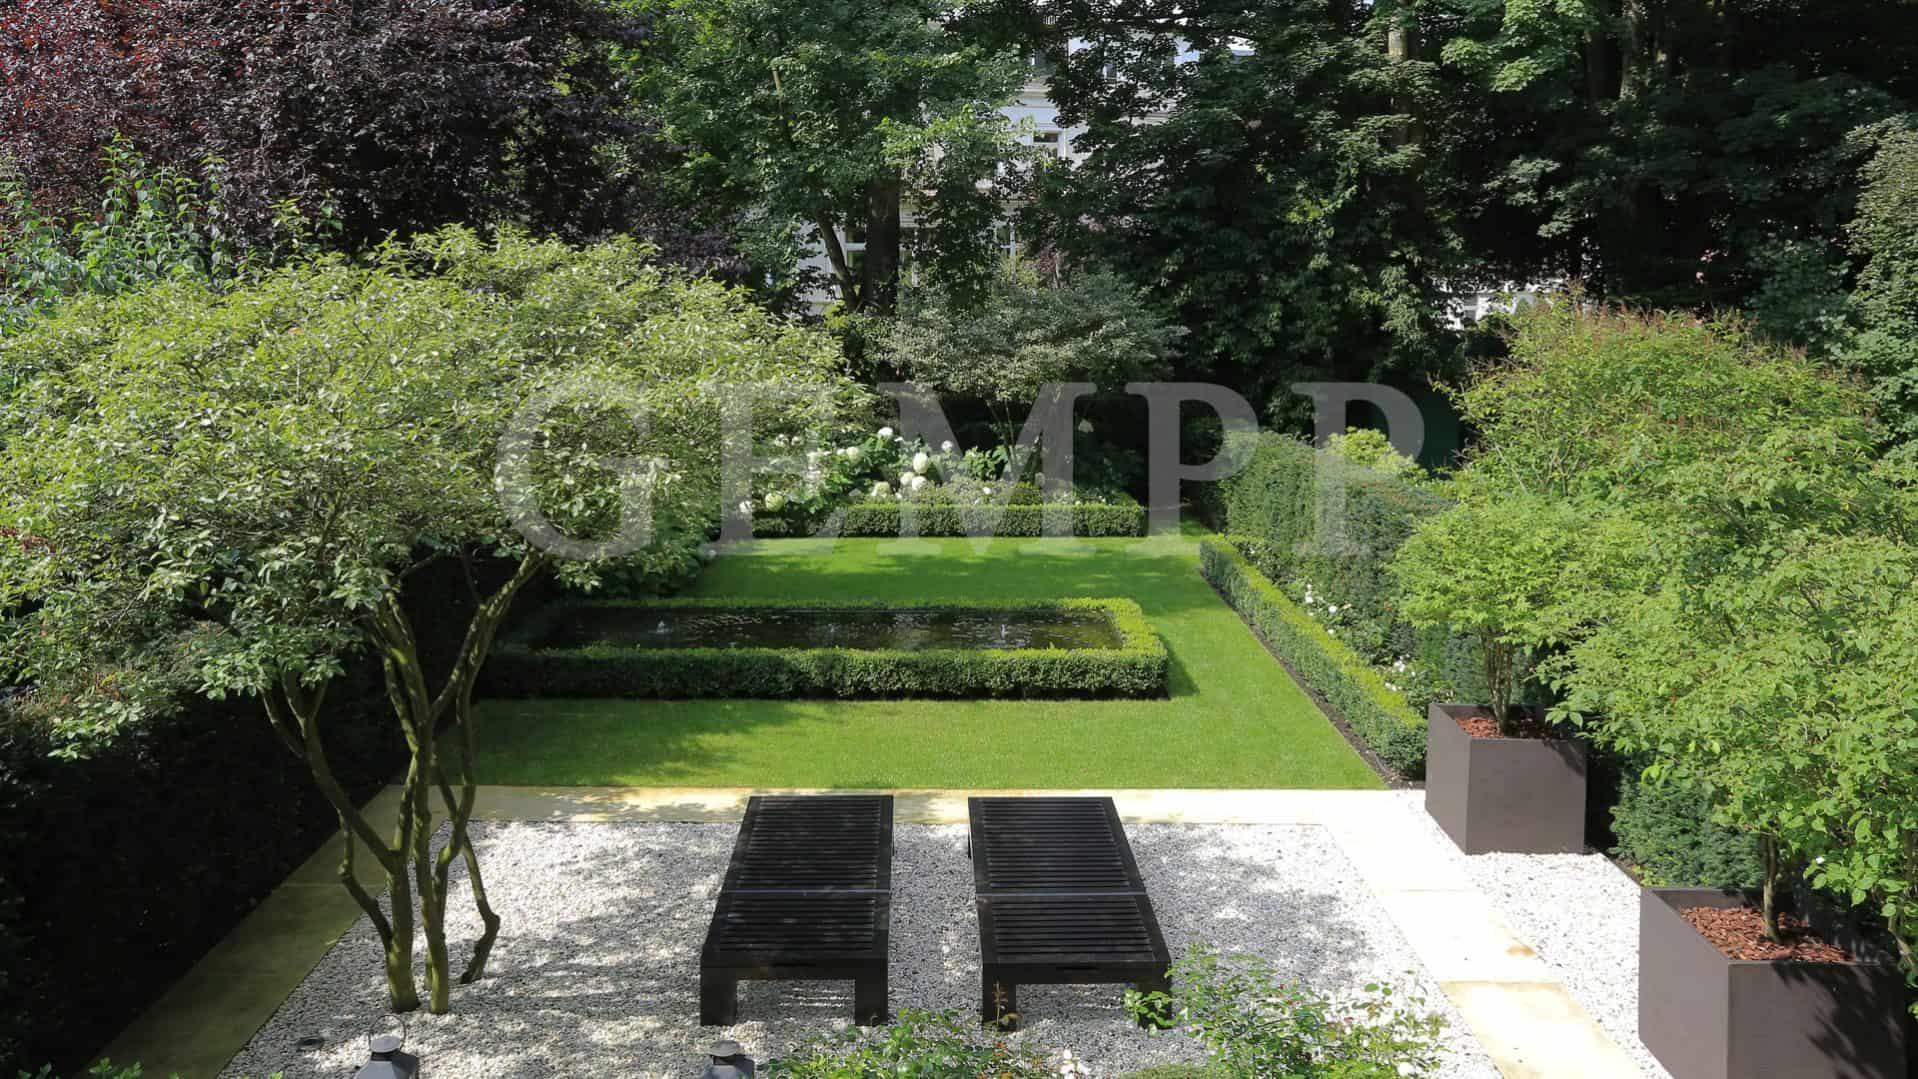 gartendesign gartenplanung gartengestaltung landschaftsarchitekten - Moderne Gartenbepflanzung